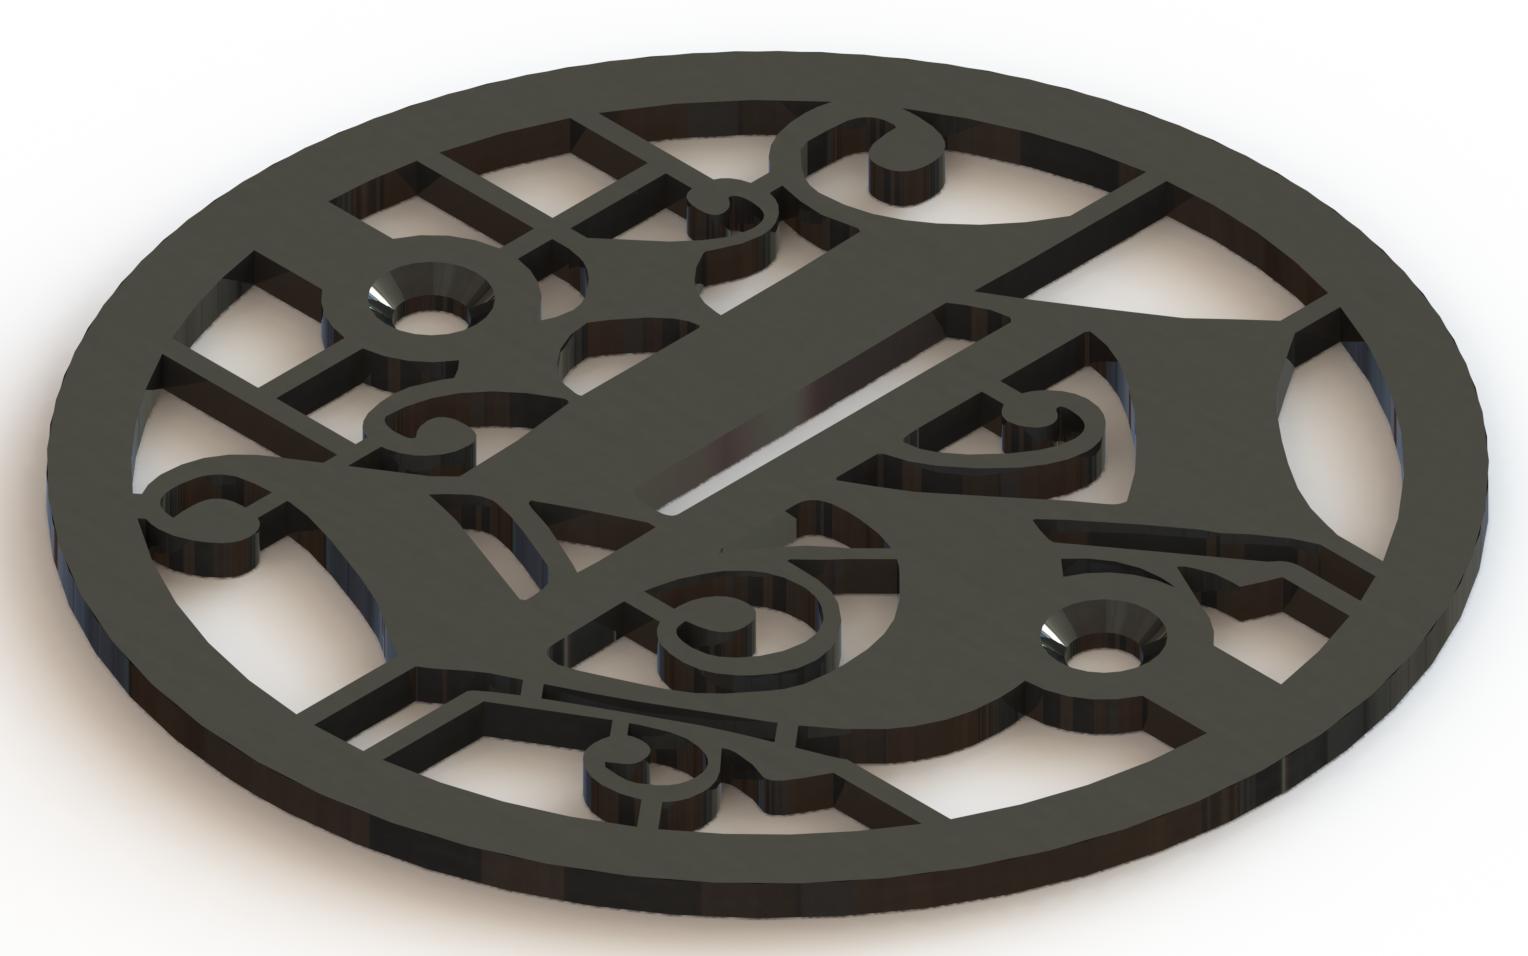 4.25in Custom Decorative Drain Cover Design - 5a1